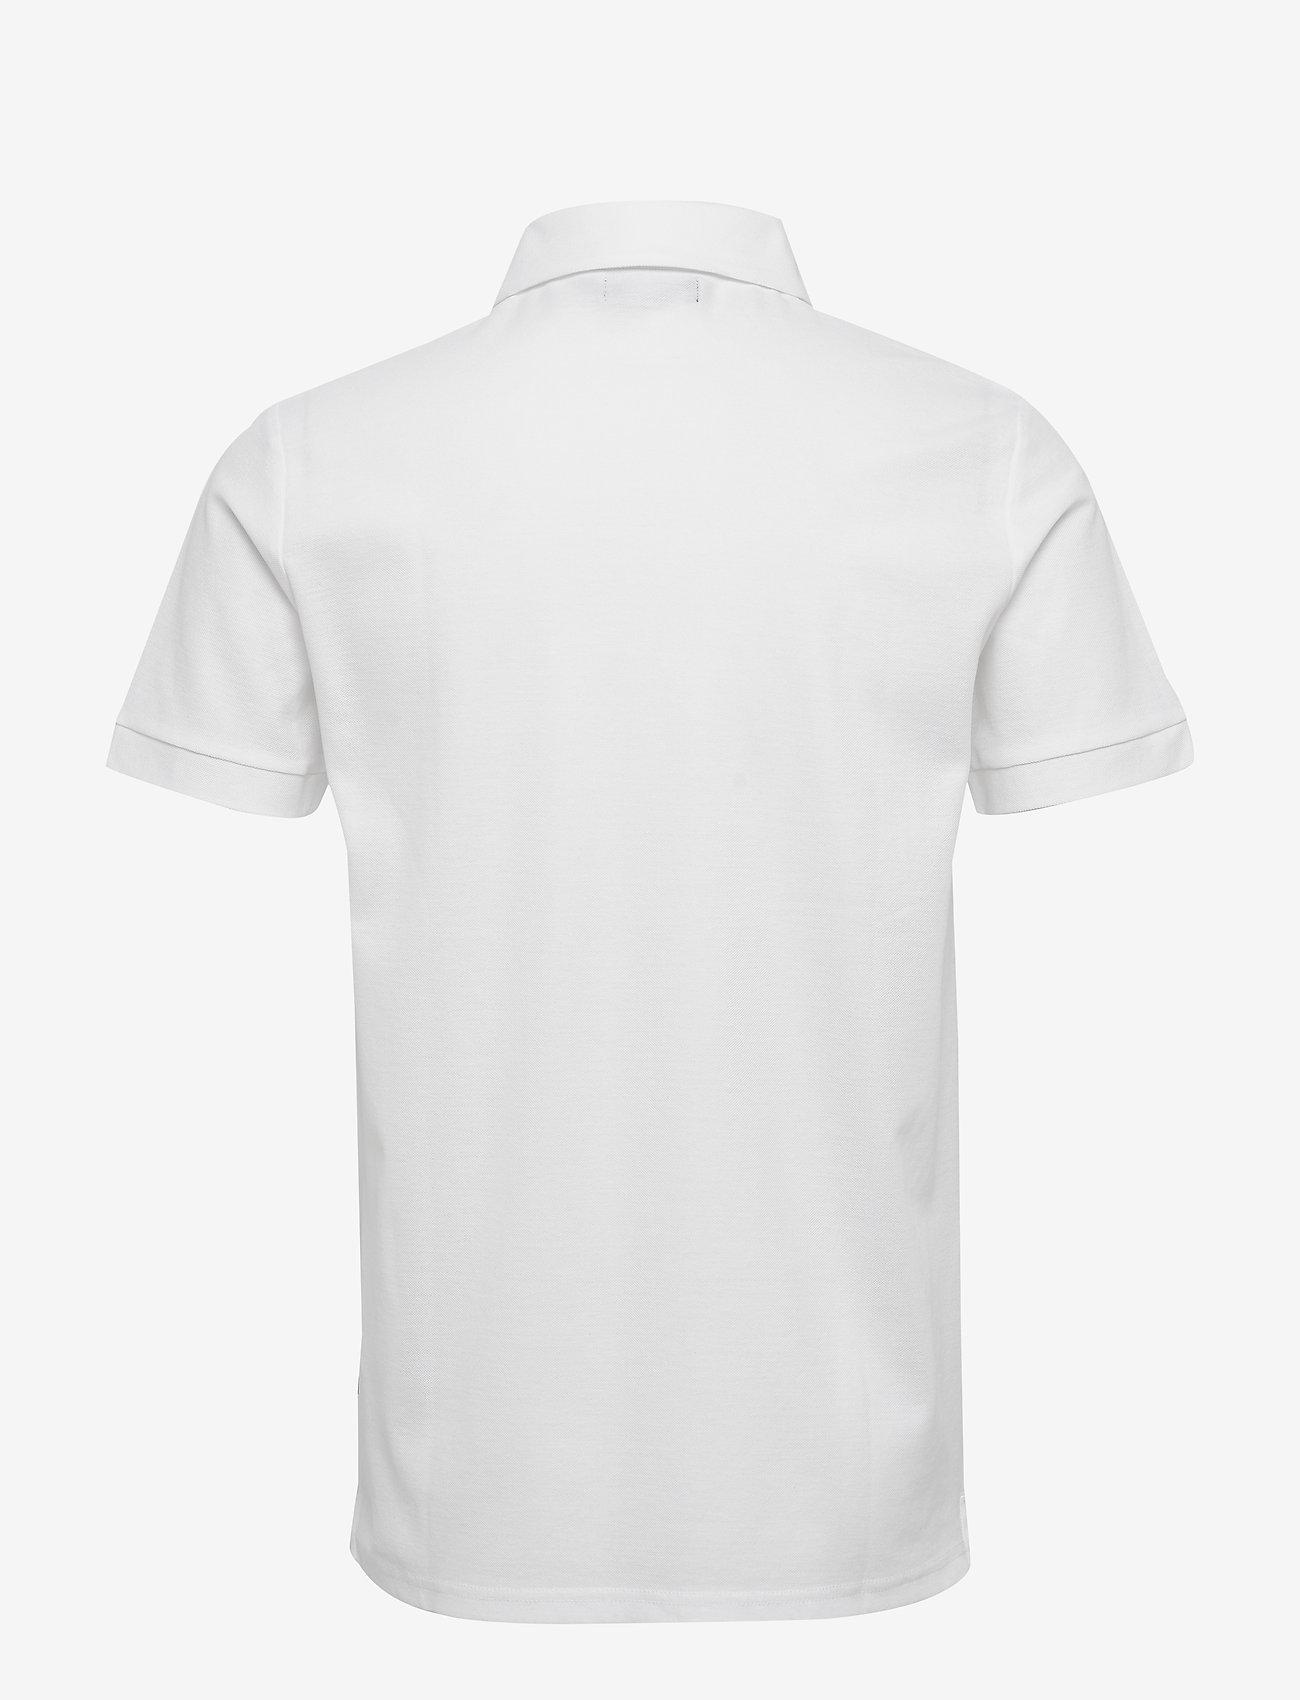 Matinique MAdaynon - Poloskjorter WHITE - Menn Klær